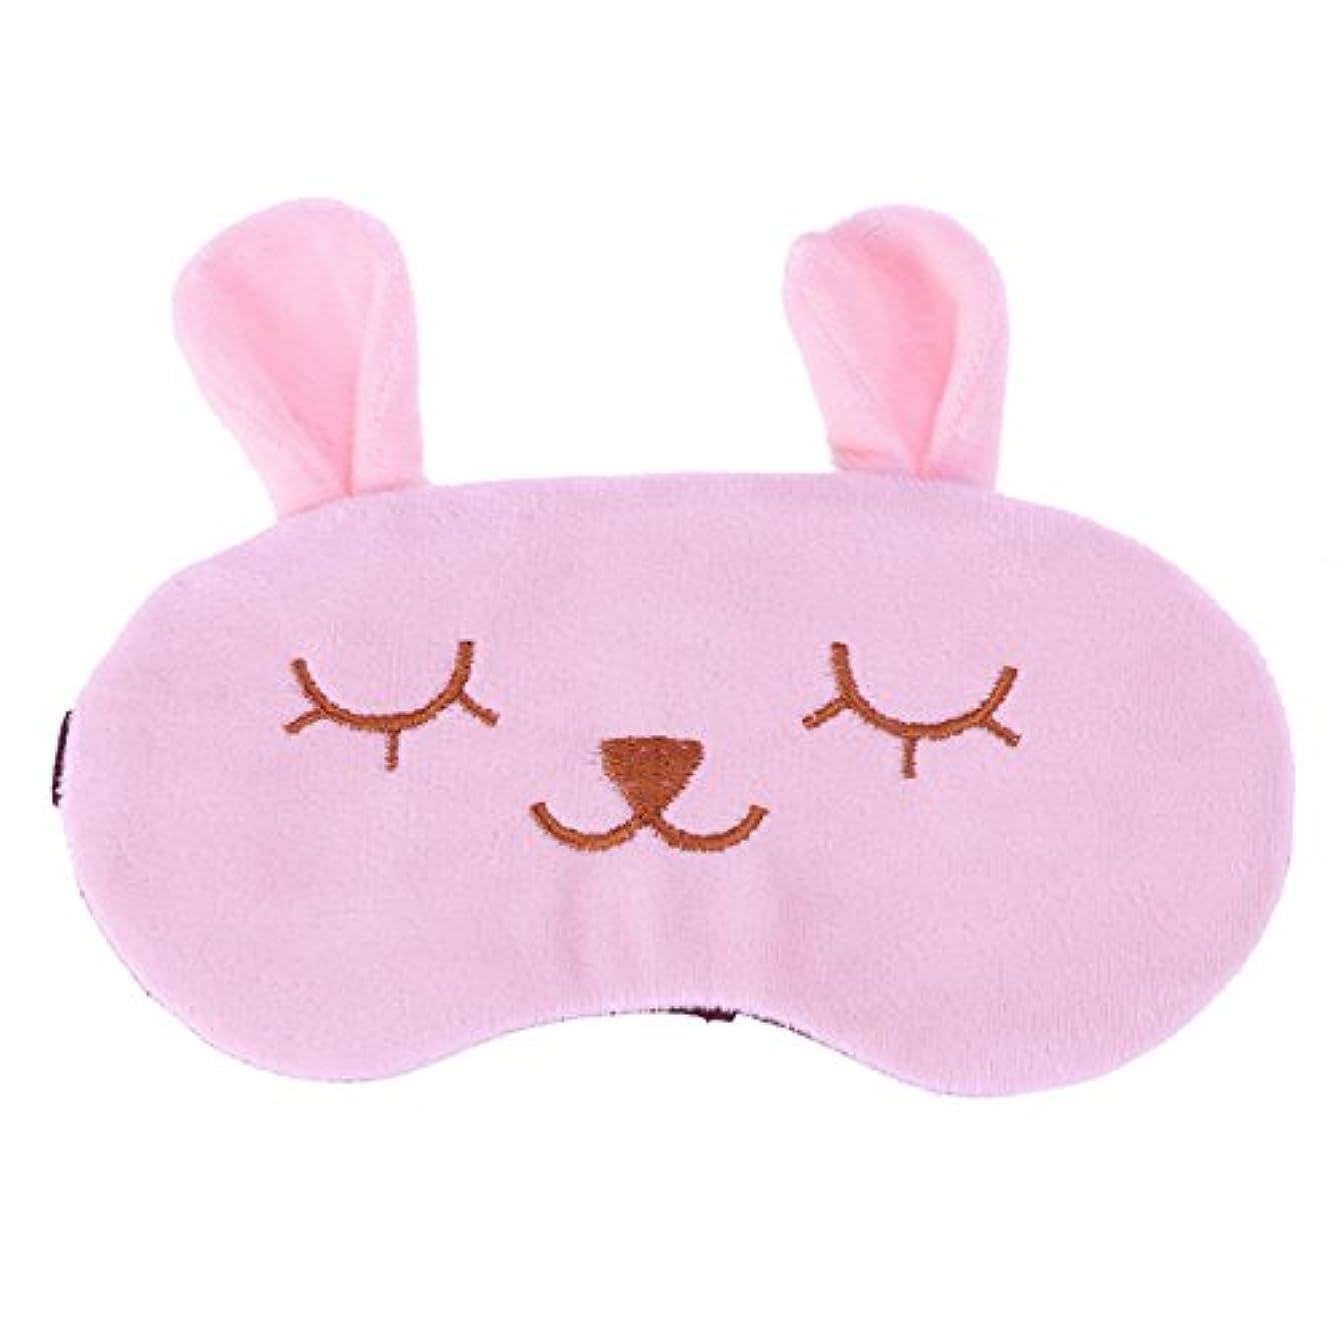 先生初期のゲージSUPVOX 昼寝瞑想のための豪華な睡眠のアイマスクかわいい冷却目隠しアイシェードポータブル